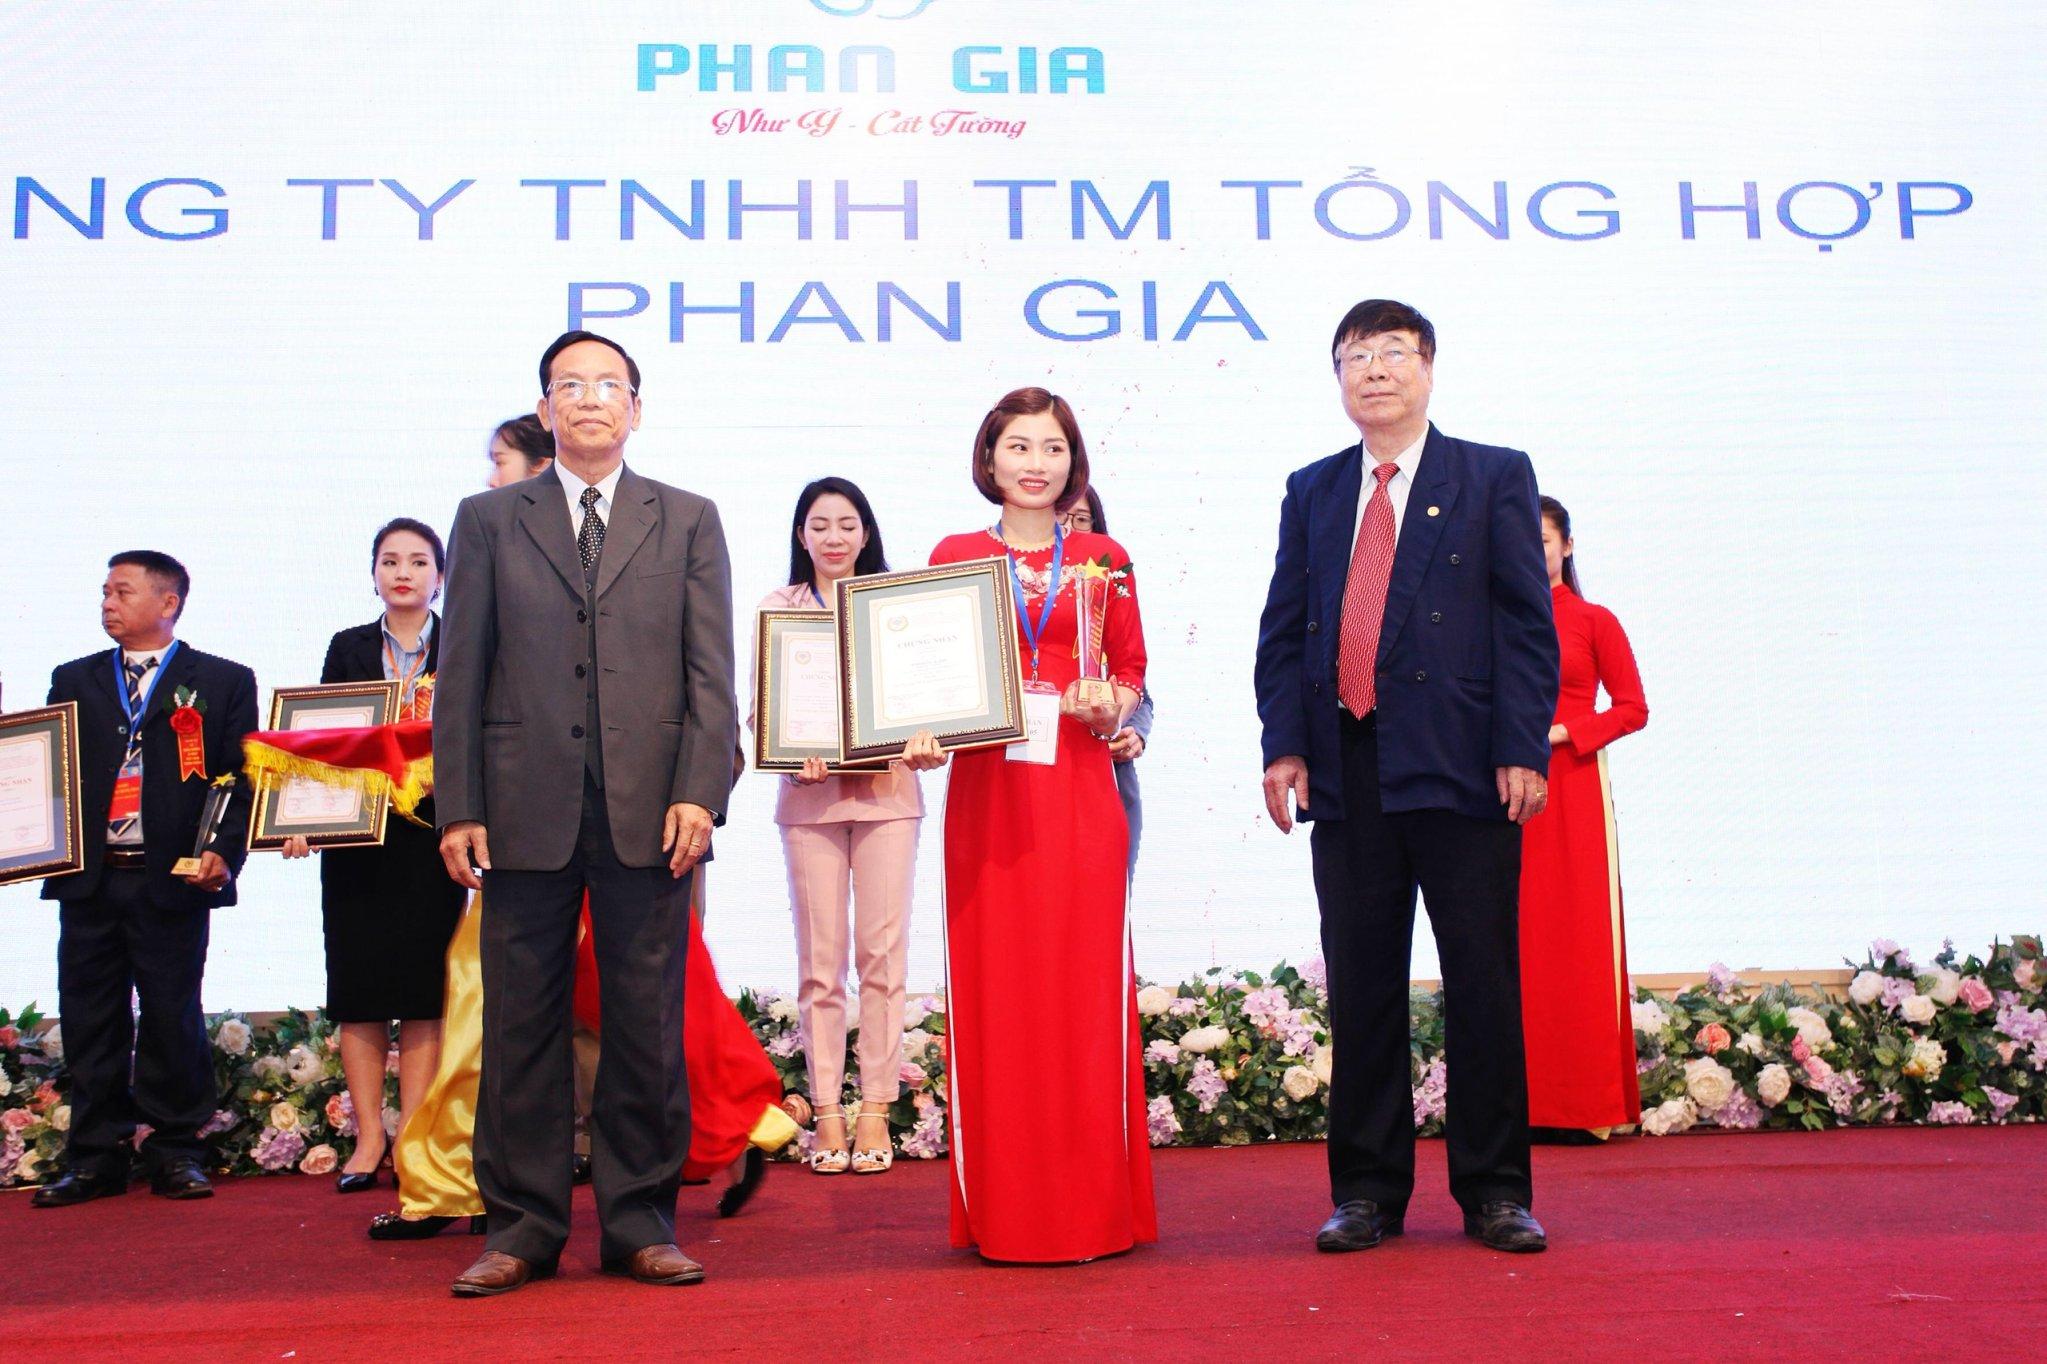 """Phan Gia nhận giải thưởng """" TOP 50 thương hiệu phát triển kinh tế quốc gia"""""""